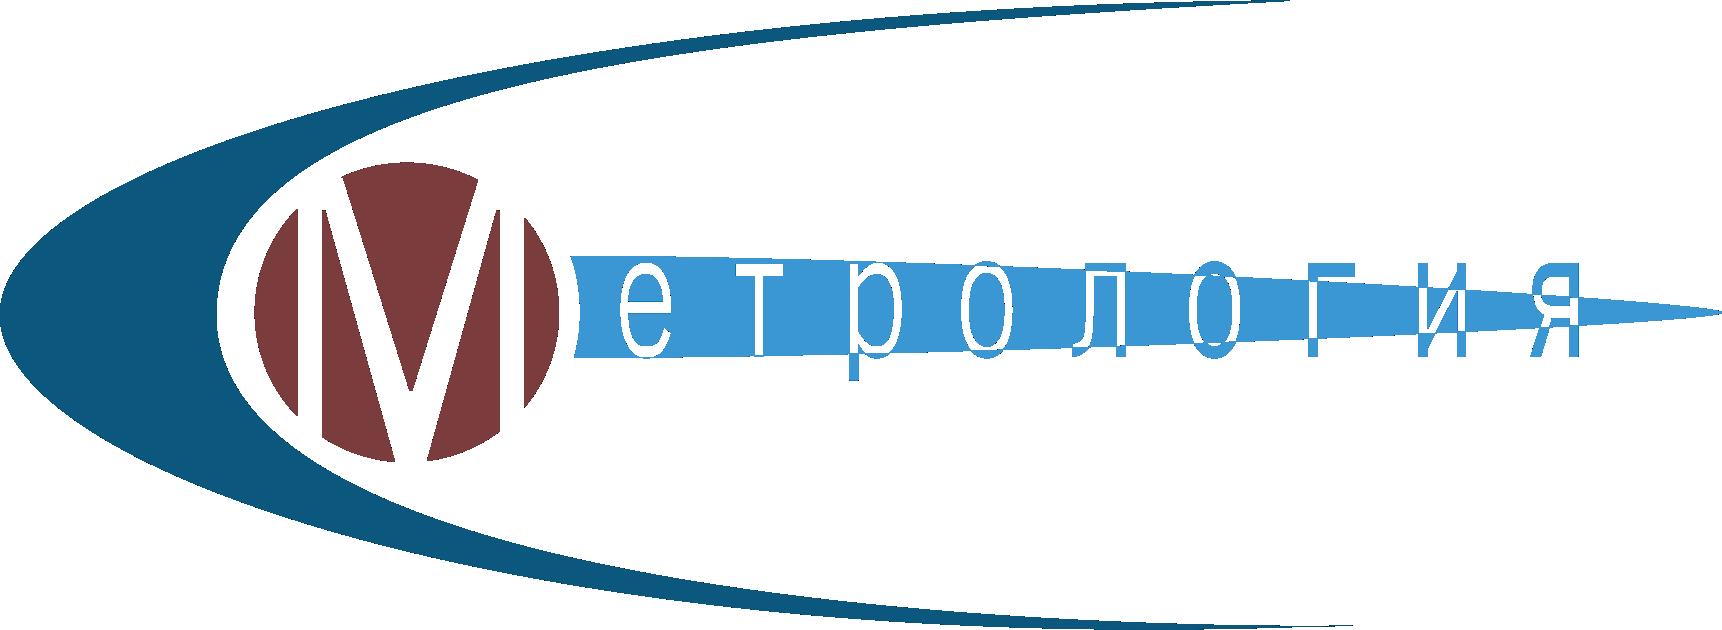 Разработать логотип, визитку, фирменный бланк. фото f_84158fc5f8b0a4b9.png